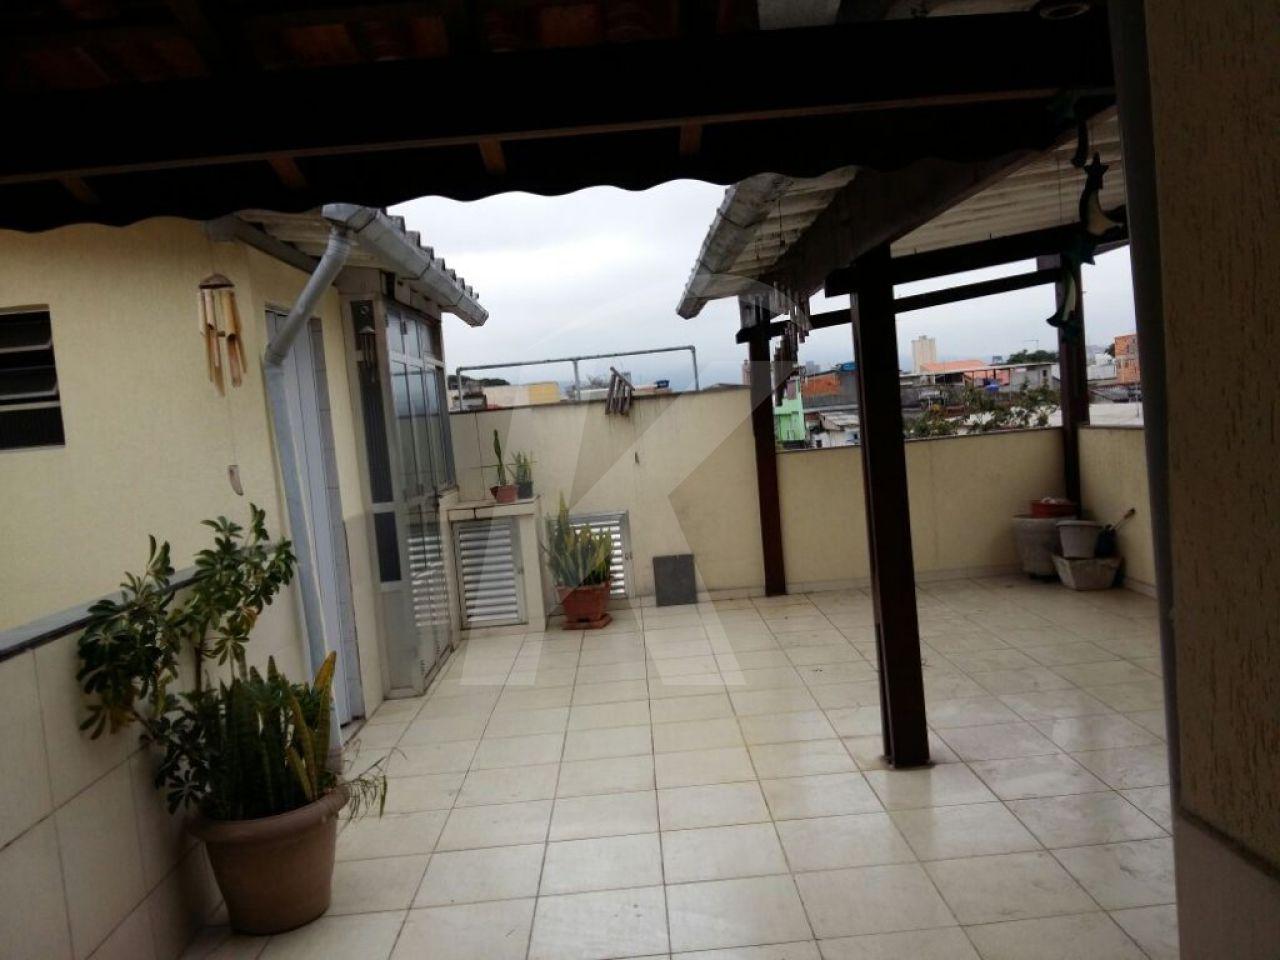 Sobrado Jardim Brasil (Zona Norte) - 3 Dormitório(s) - São Paulo - SP - REF. KA1411